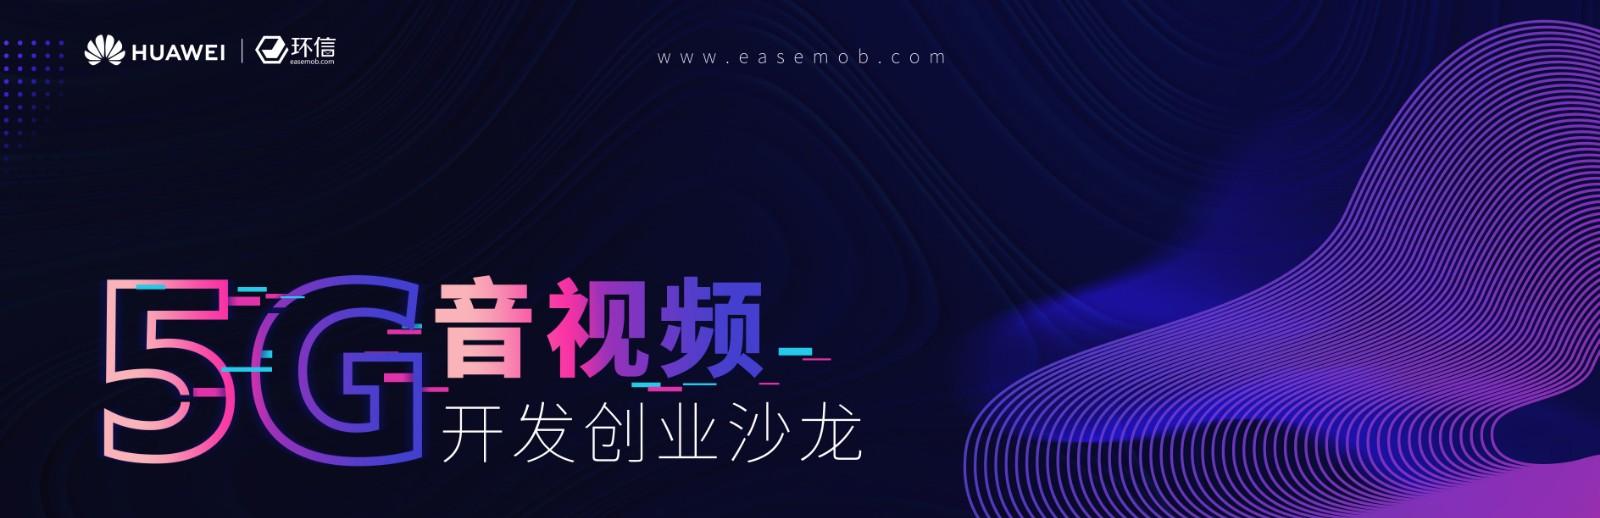 5G音视频开发创业沙龙